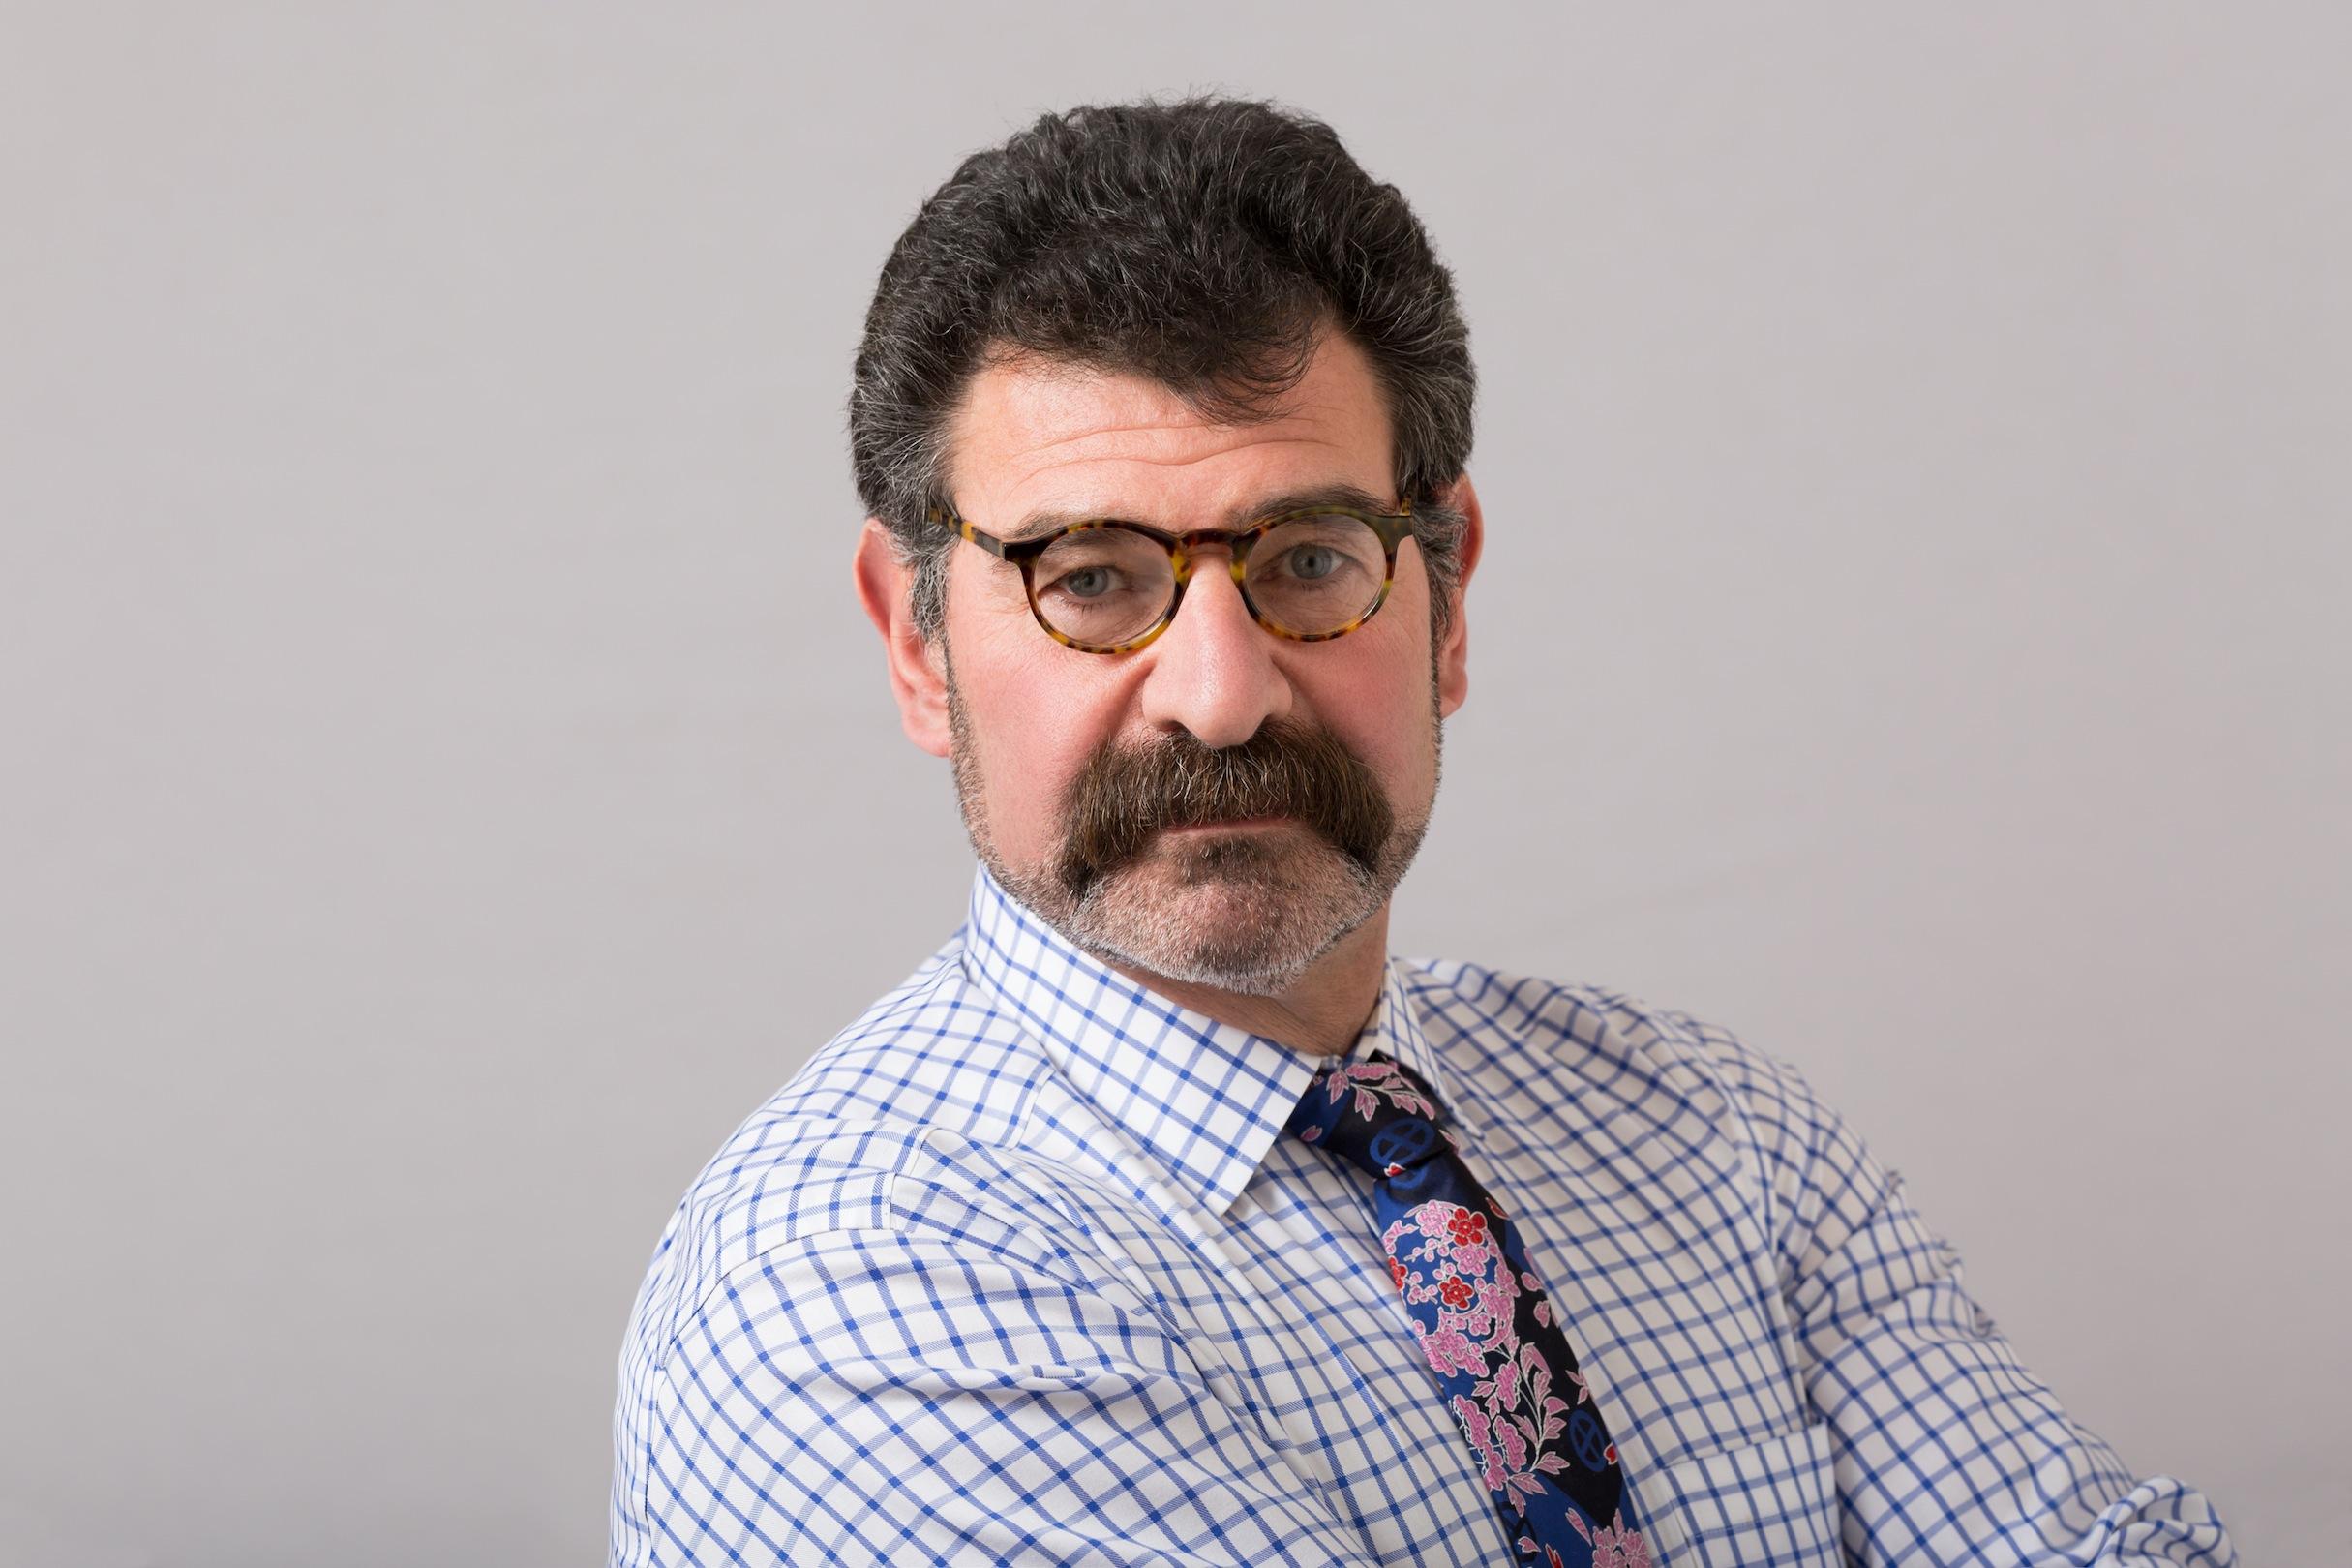 Evan R. Bell